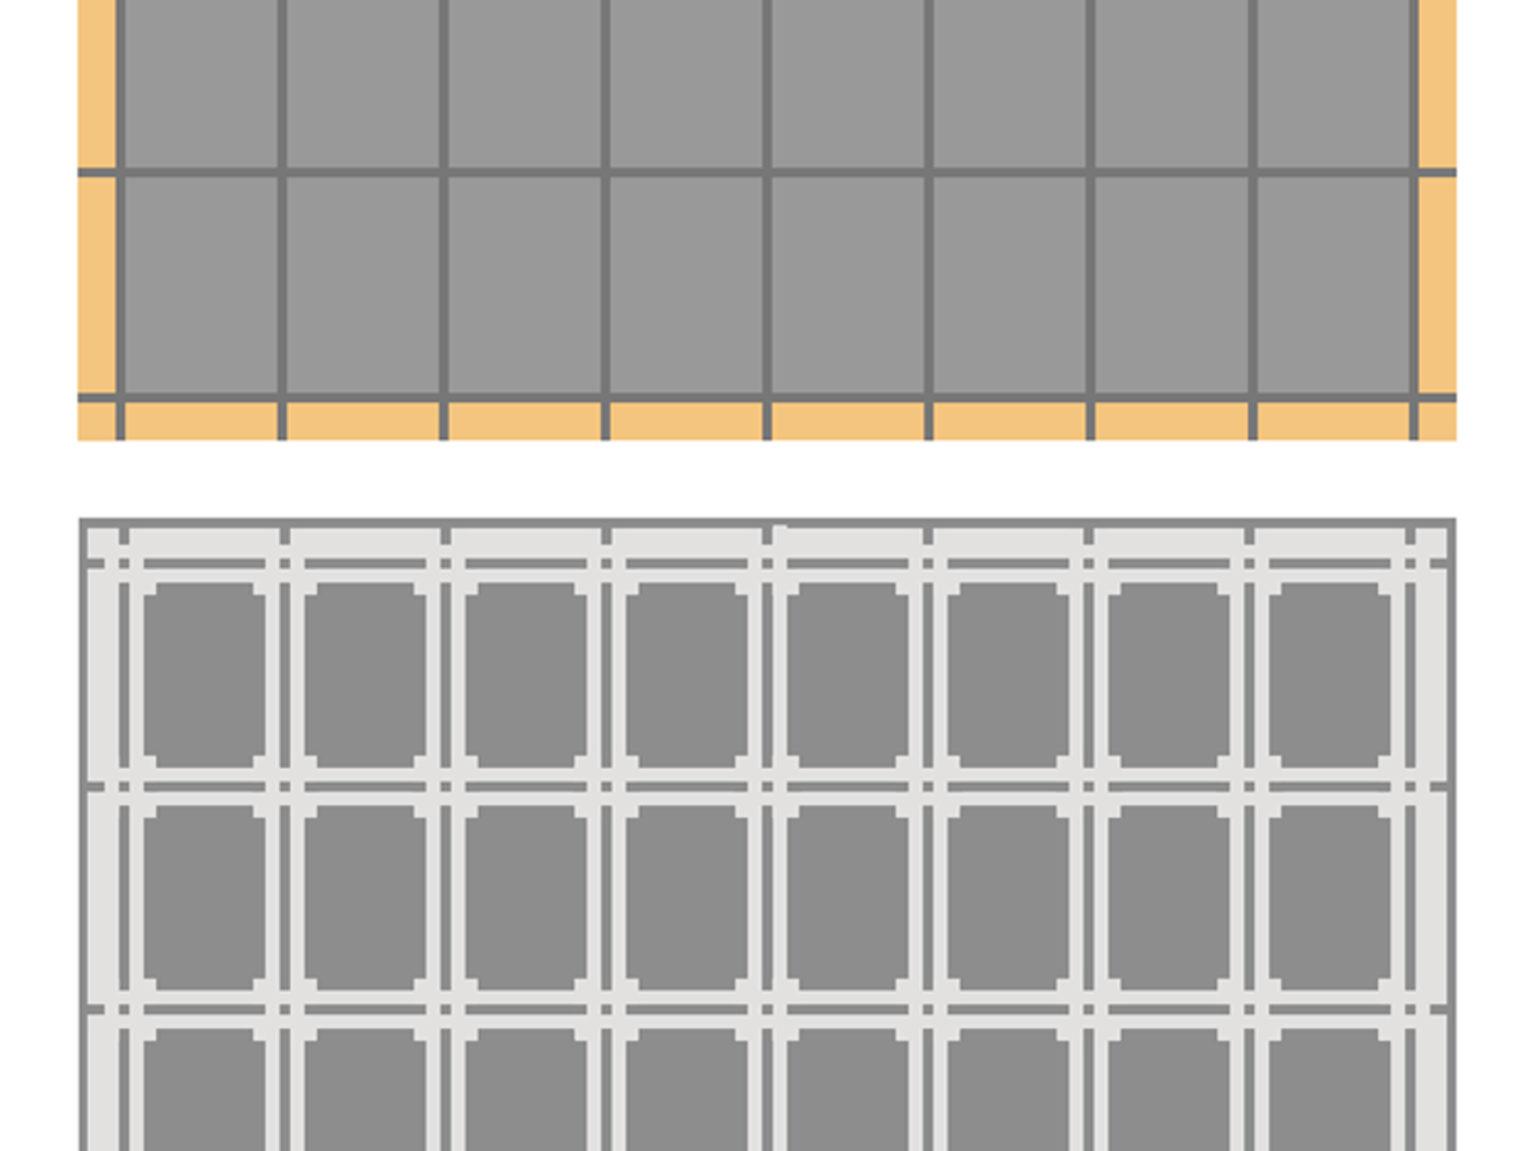 detail van tekening van raamfolie patroon / Schutspatroon met glas-in-lood